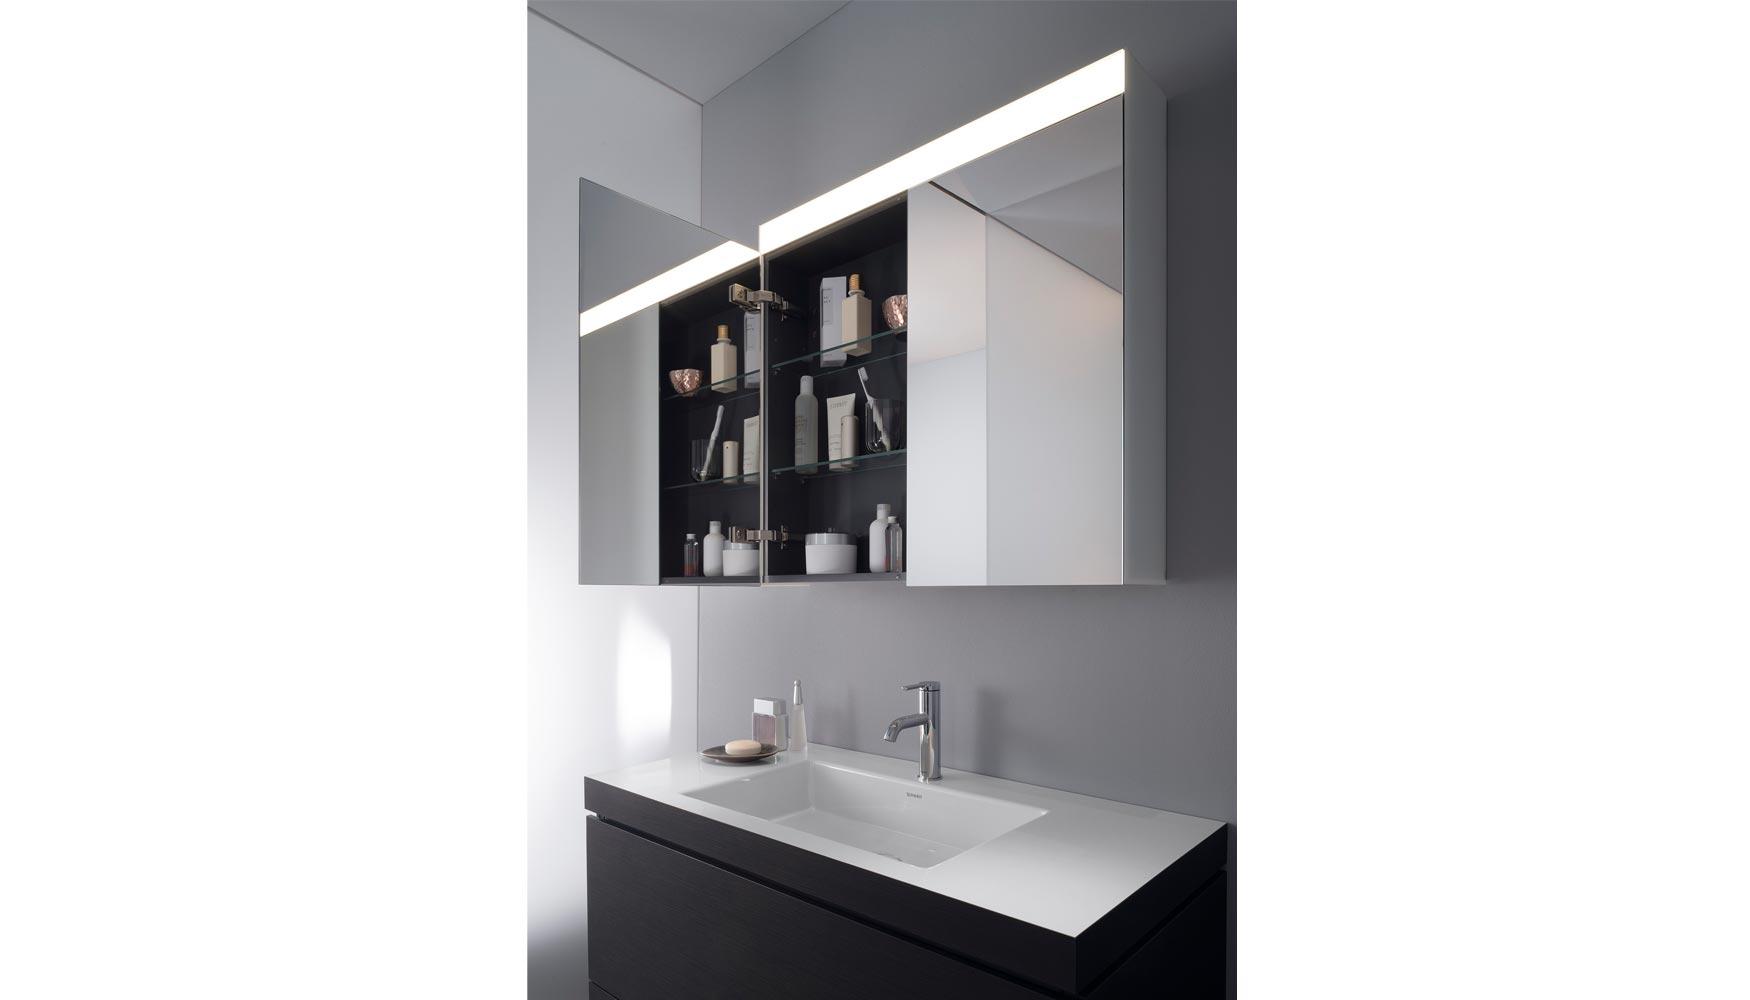 de baos de diseo complement para la ish su programa modular de la serie uespejo y luzu con esta ampliacin de oferta de muebles de espejo